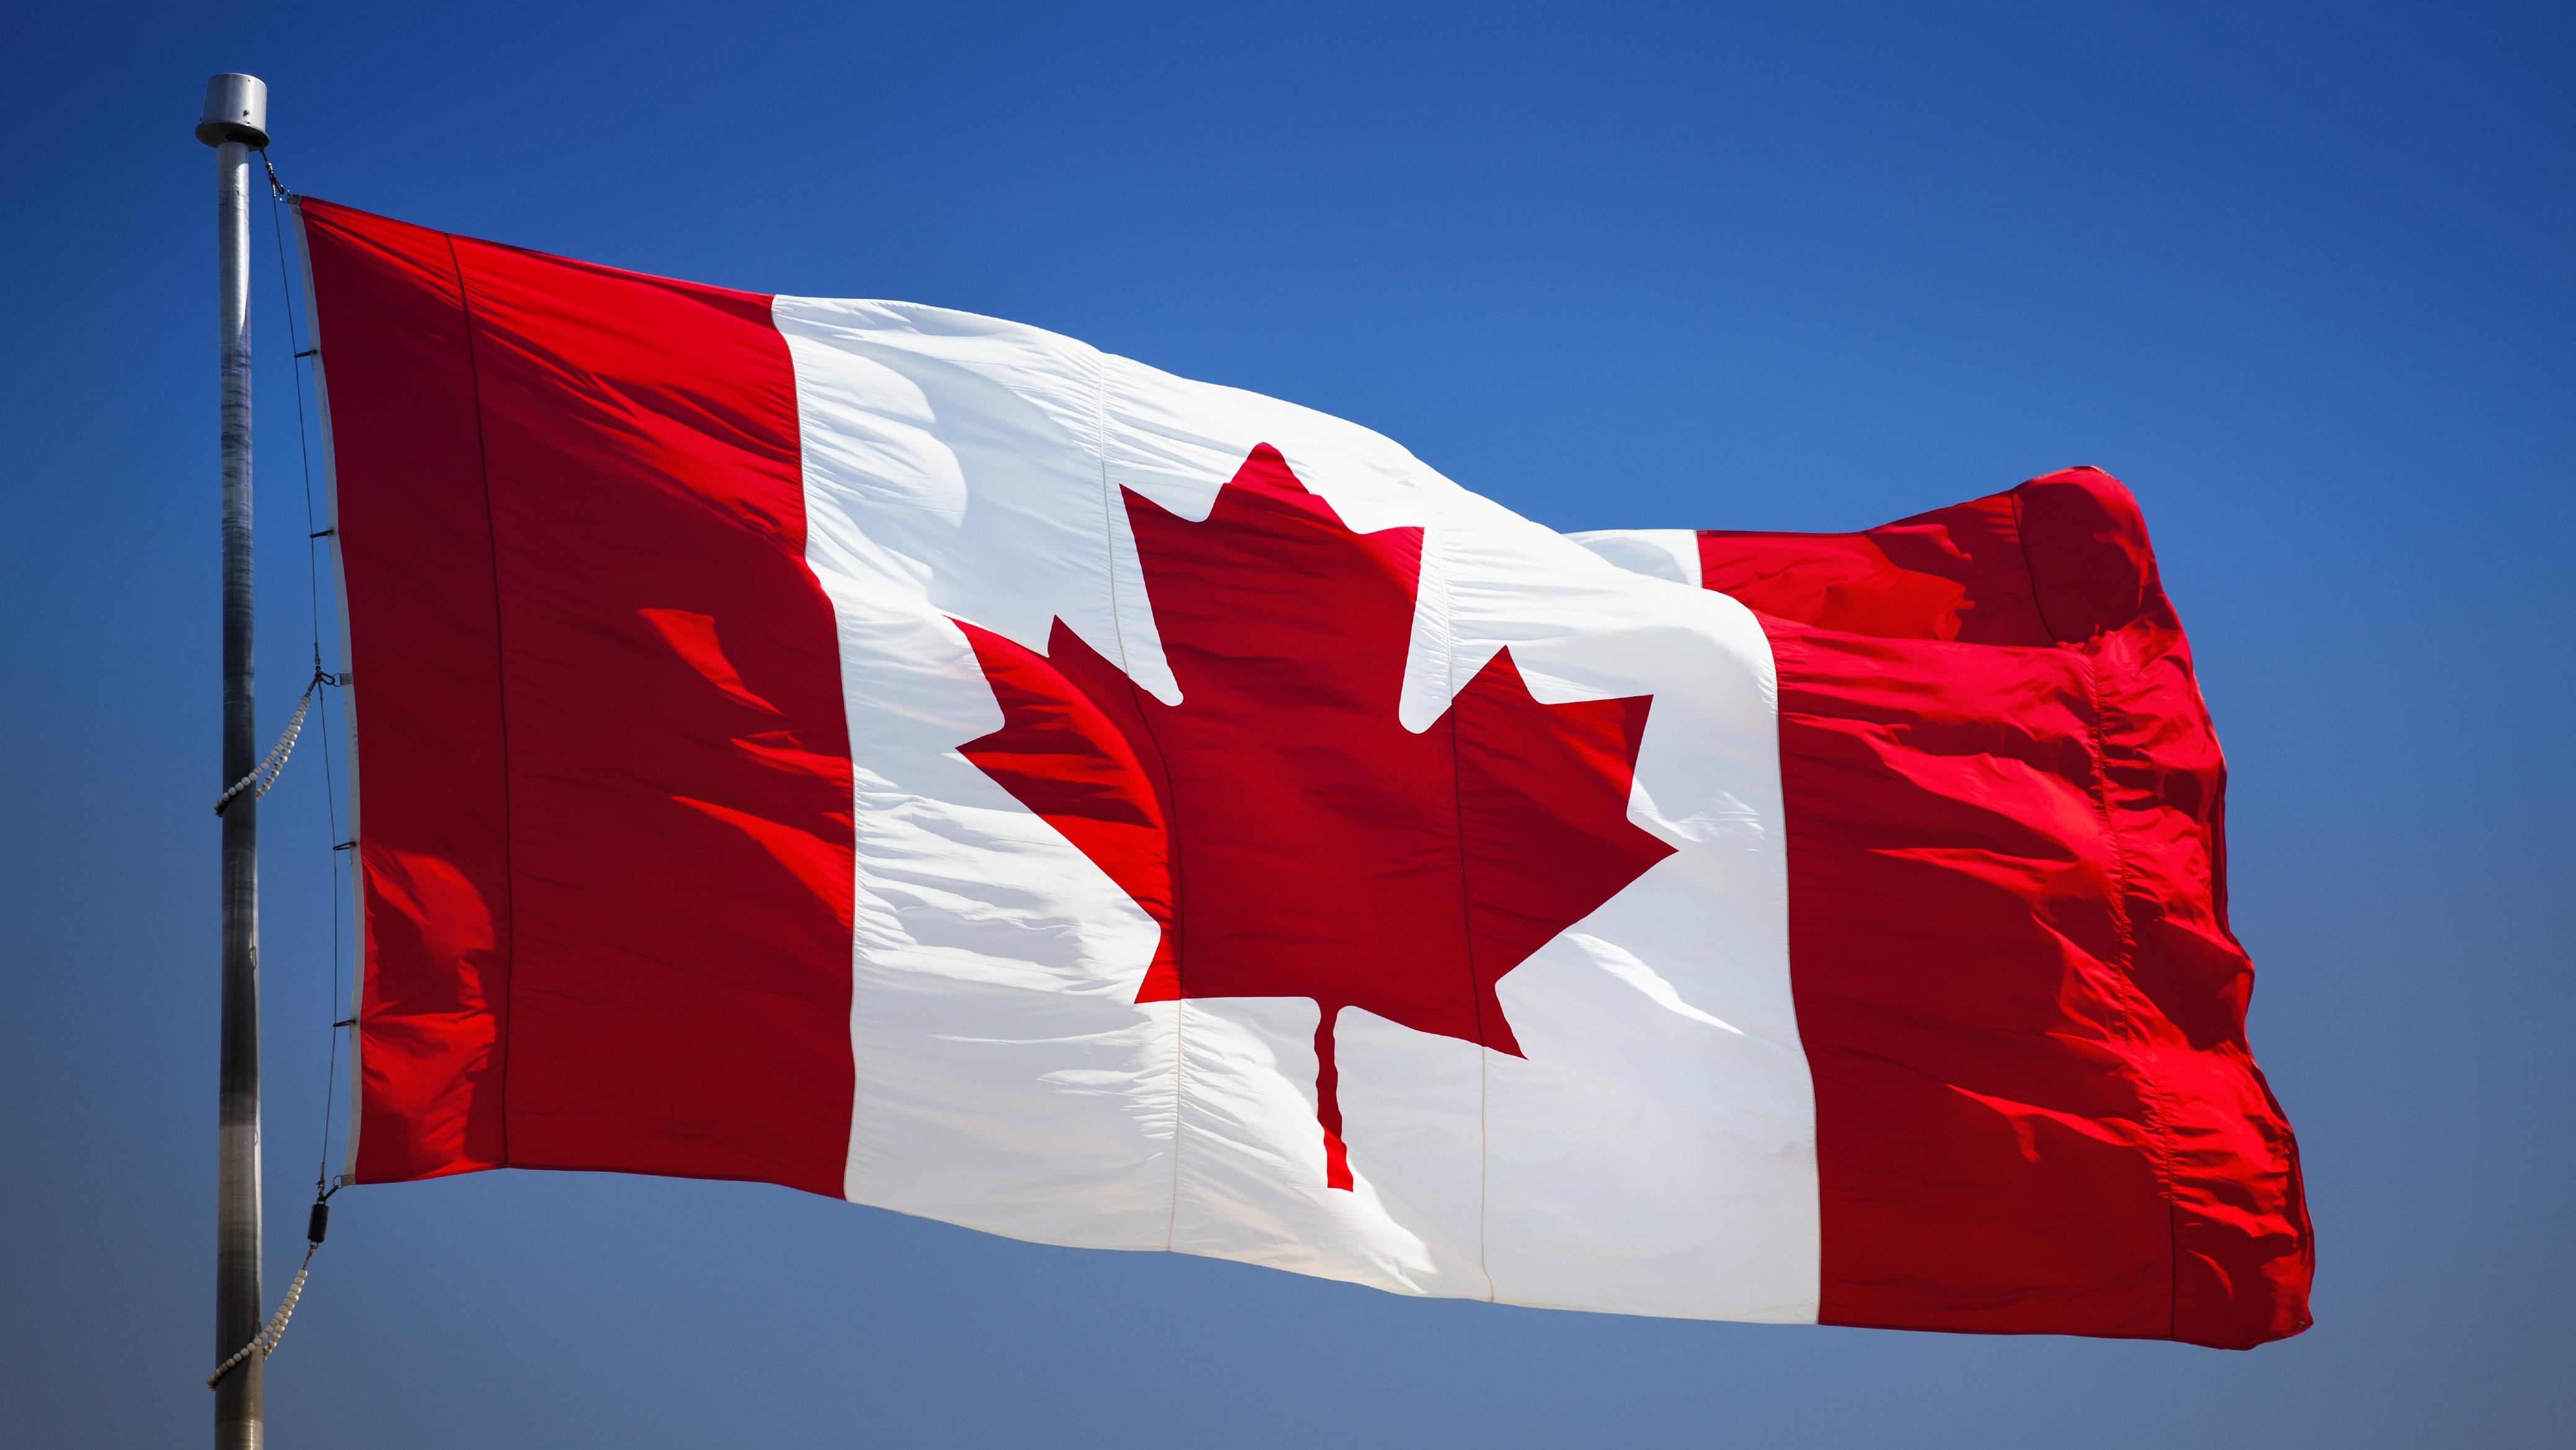 Canada Flag Wallpaper 4